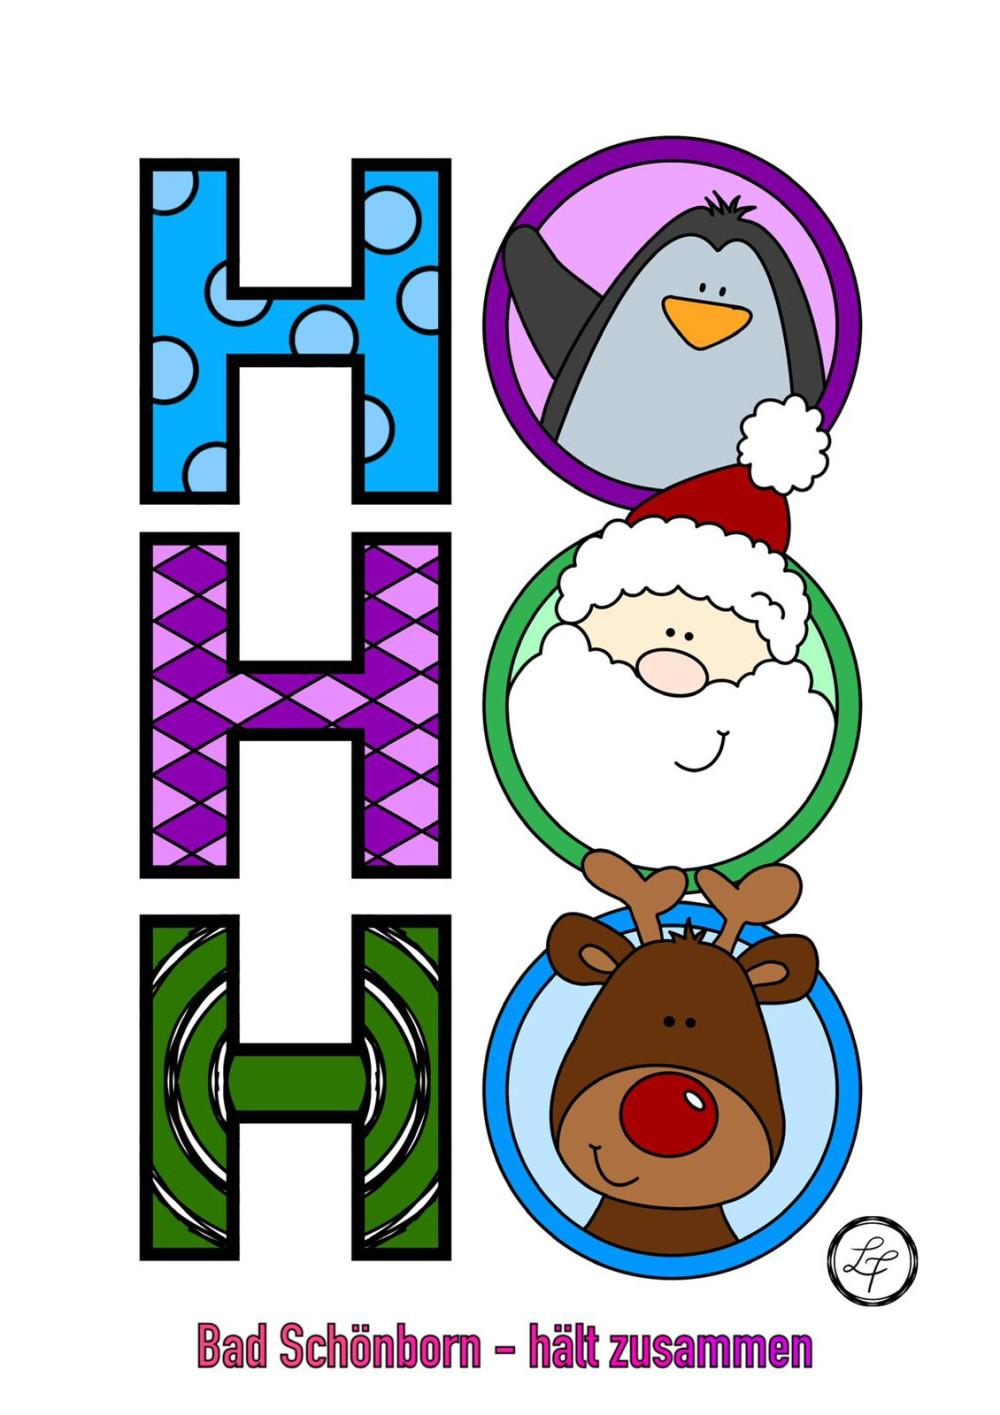 Ausmalbild angemalt für Kinder: Große Buchstaben HO, HO, HO und im O sind Pinguin, Nikolaus und Rentier abgebildet